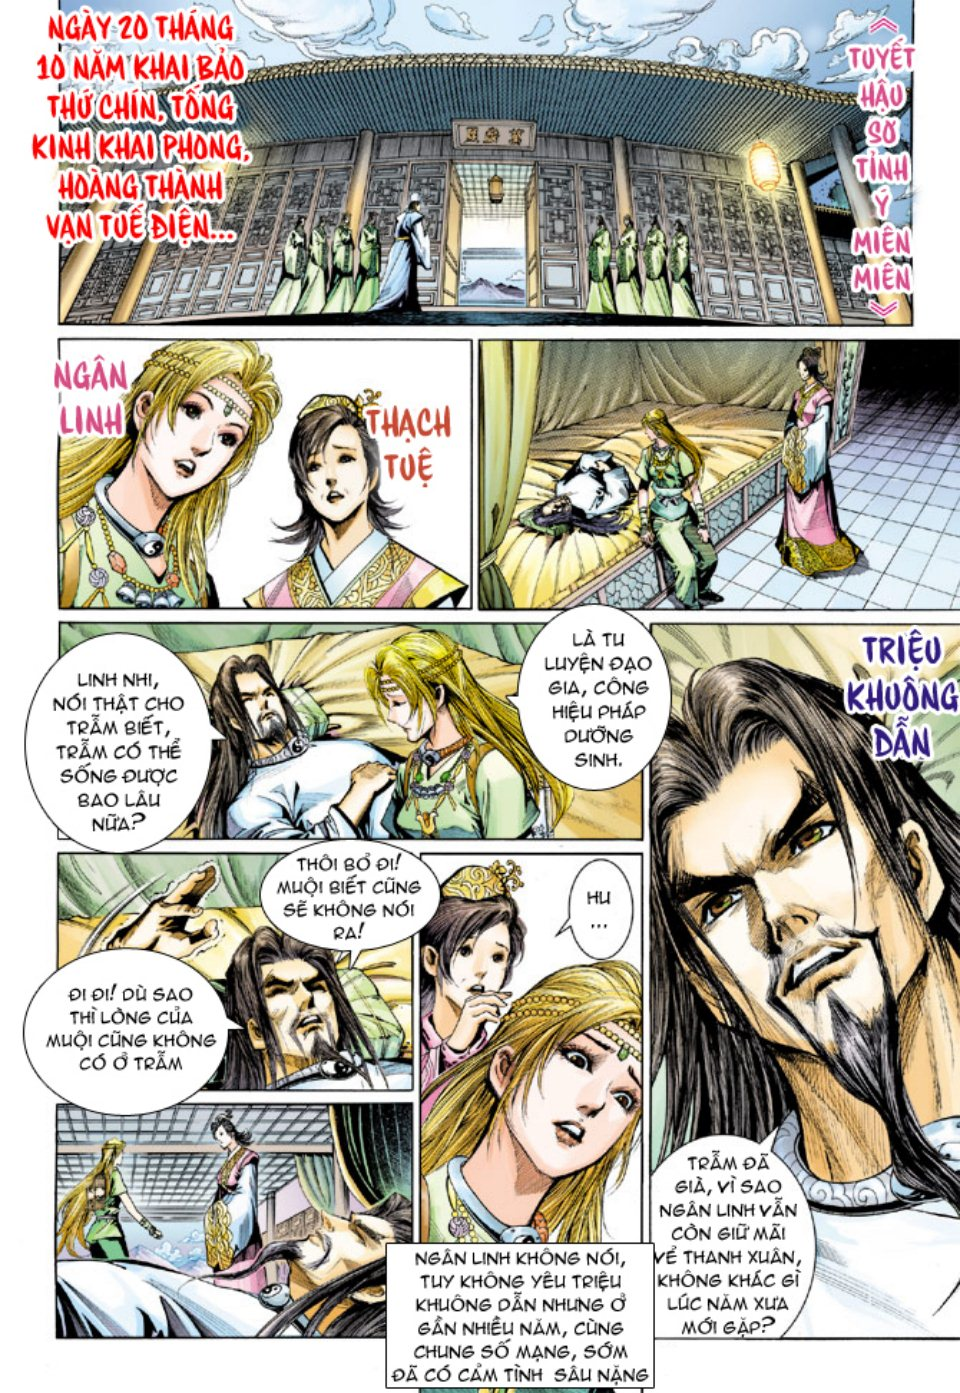 Thiên Tử Truyền Kỳ 5 – Như Lai Thần Chưởng chap 214 – End Trang 29 - Mangak.info